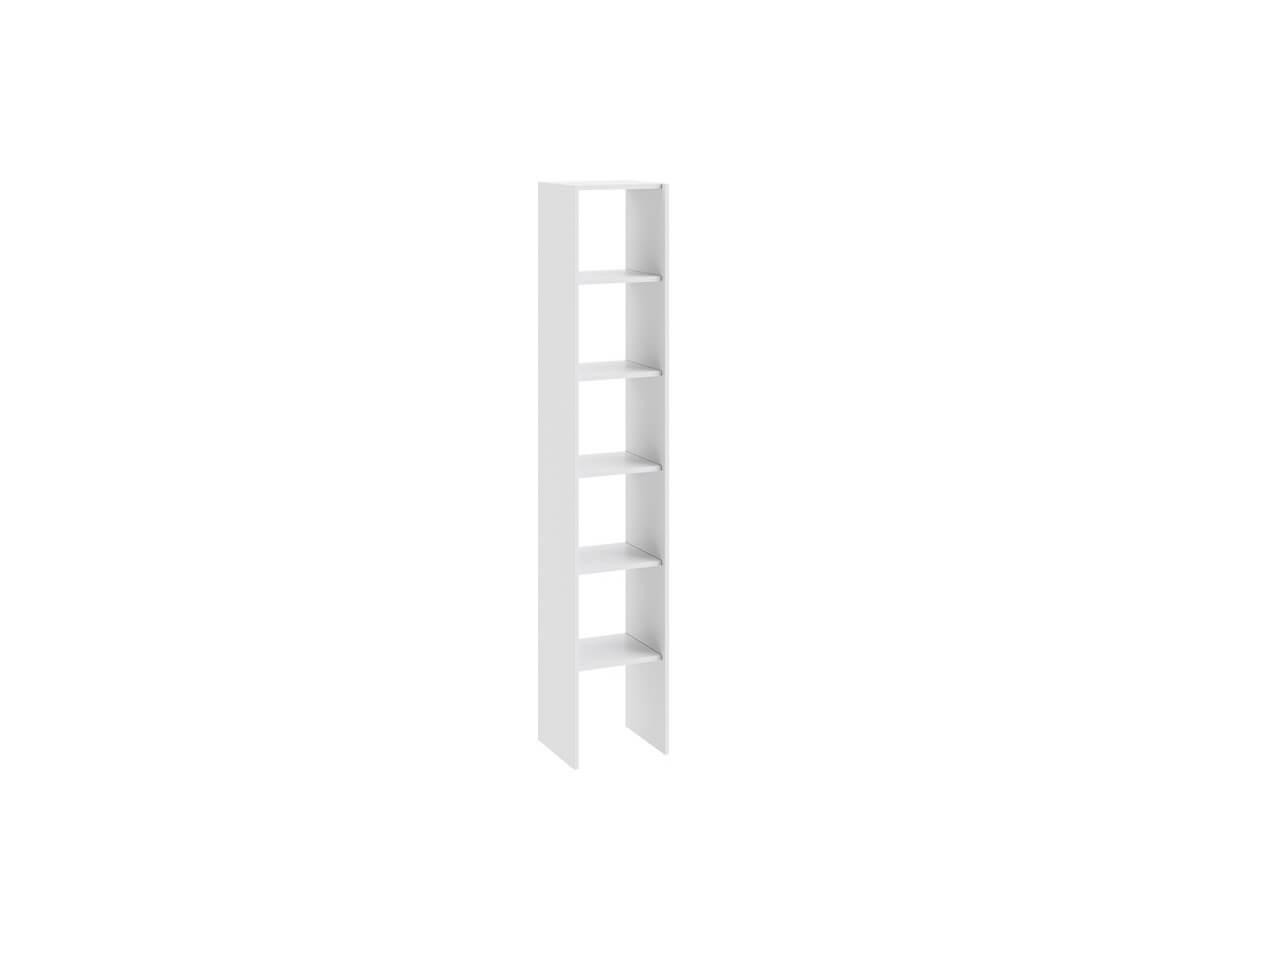 Секция внутренняя для углового шкафа Ривьера ТД-241-07-23-01 290х290х1767